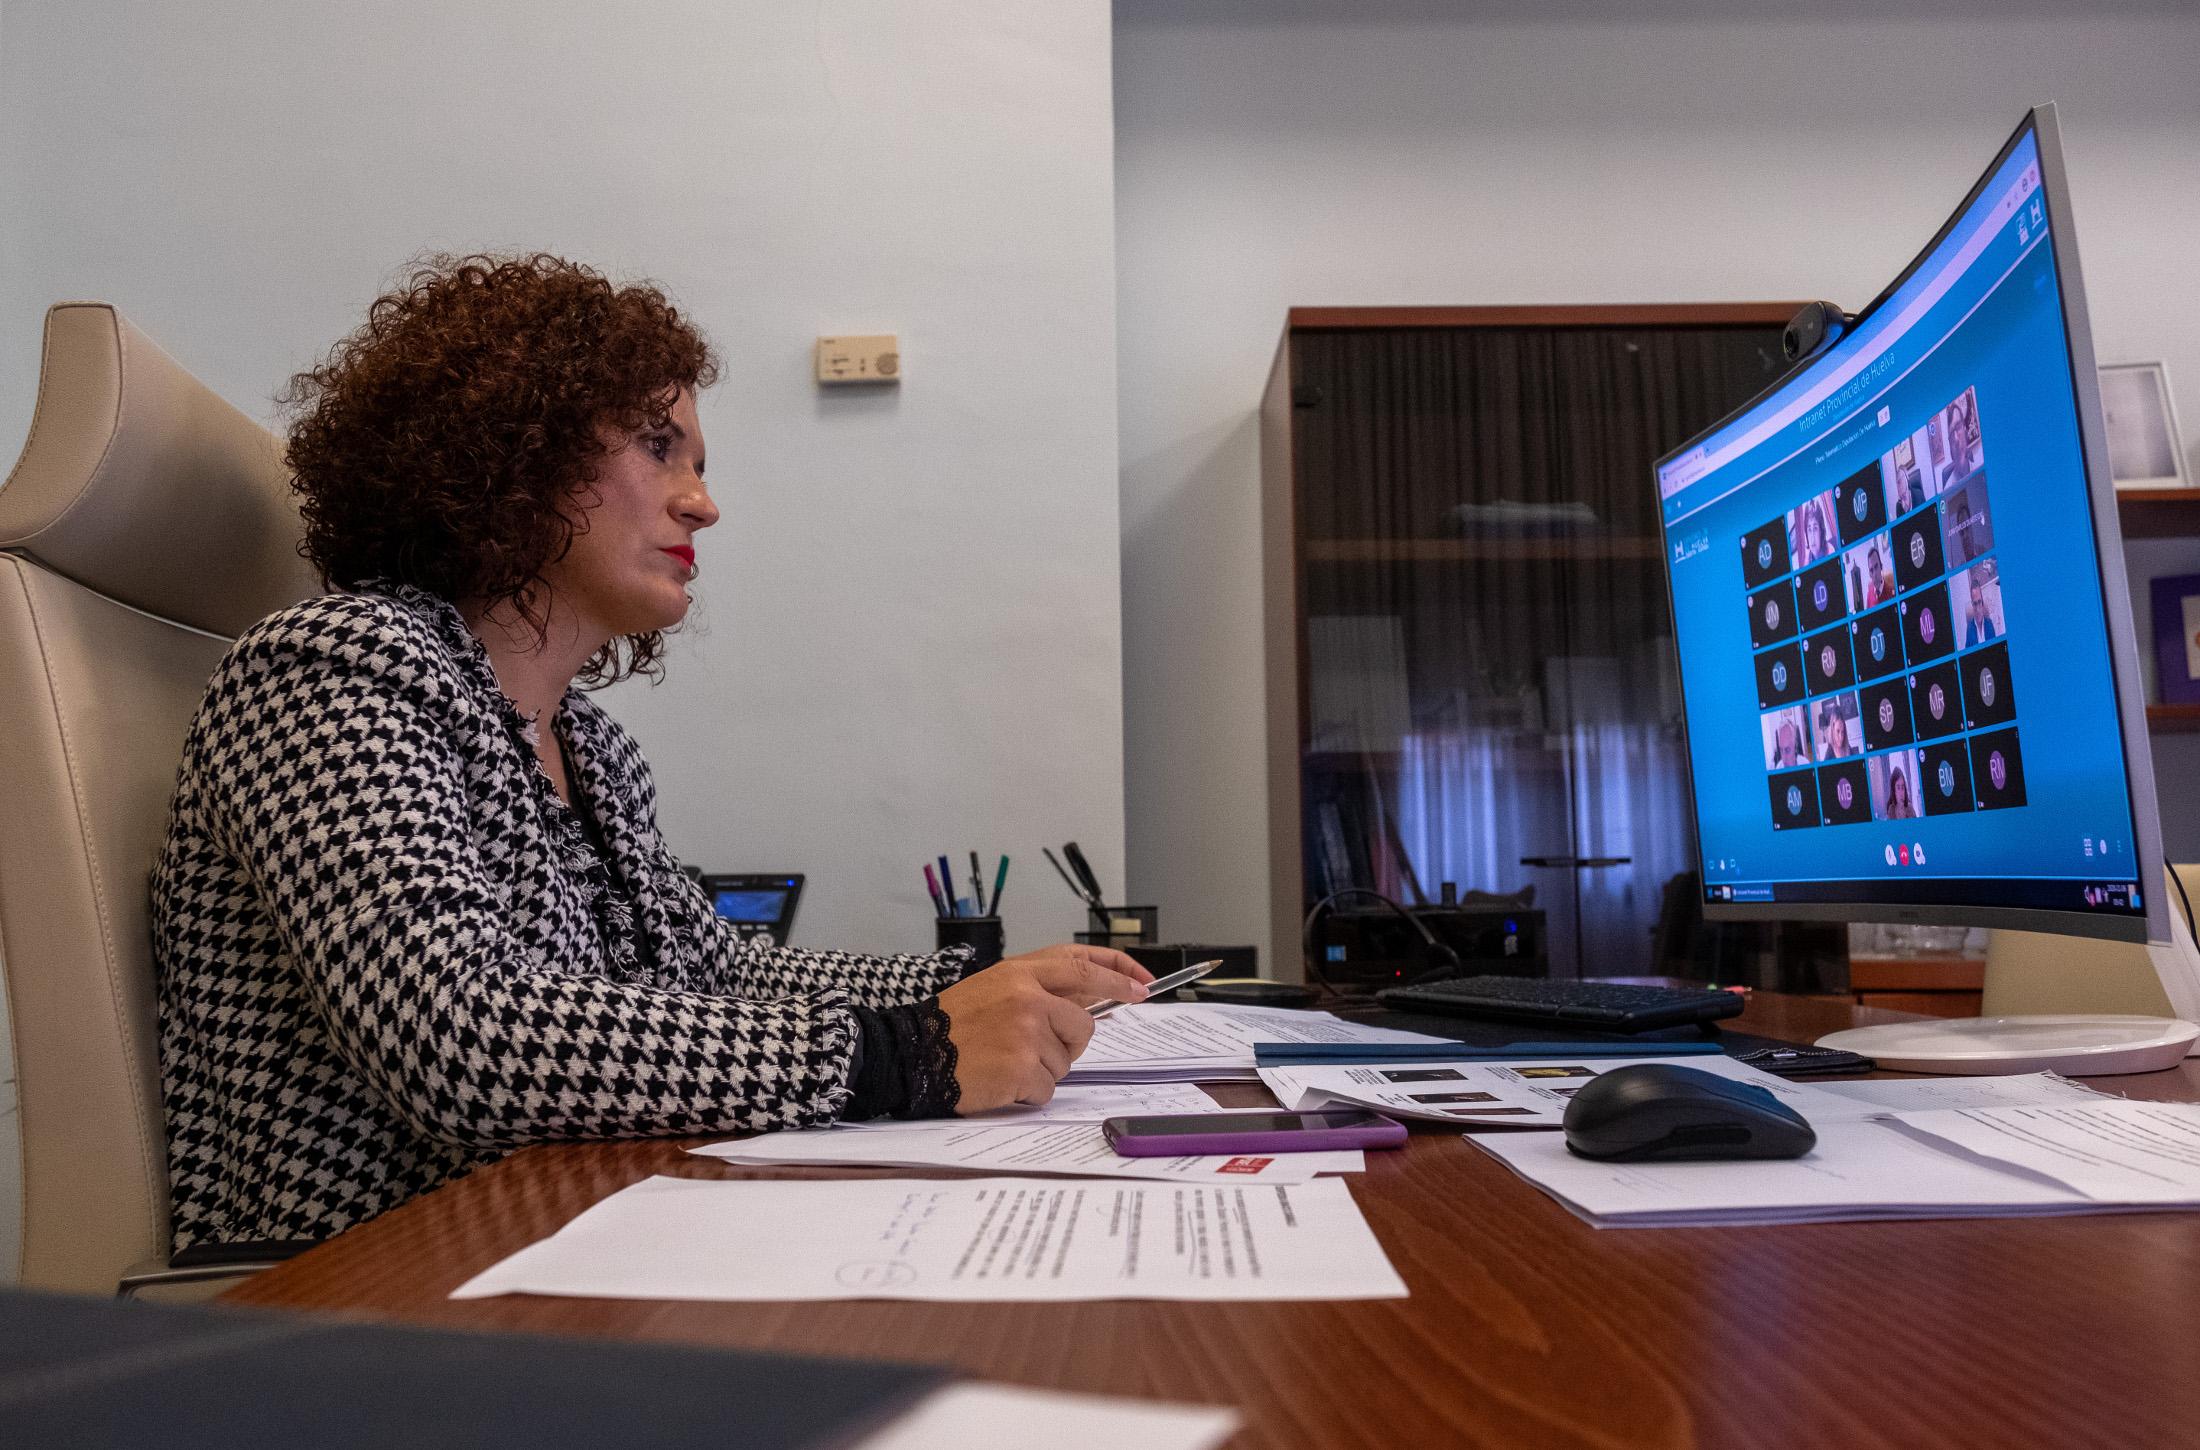 La Diputación crea la Oficina 'Next Generation' para captar y gestionar los fondos europeos para la recuperación destinados a la provincia